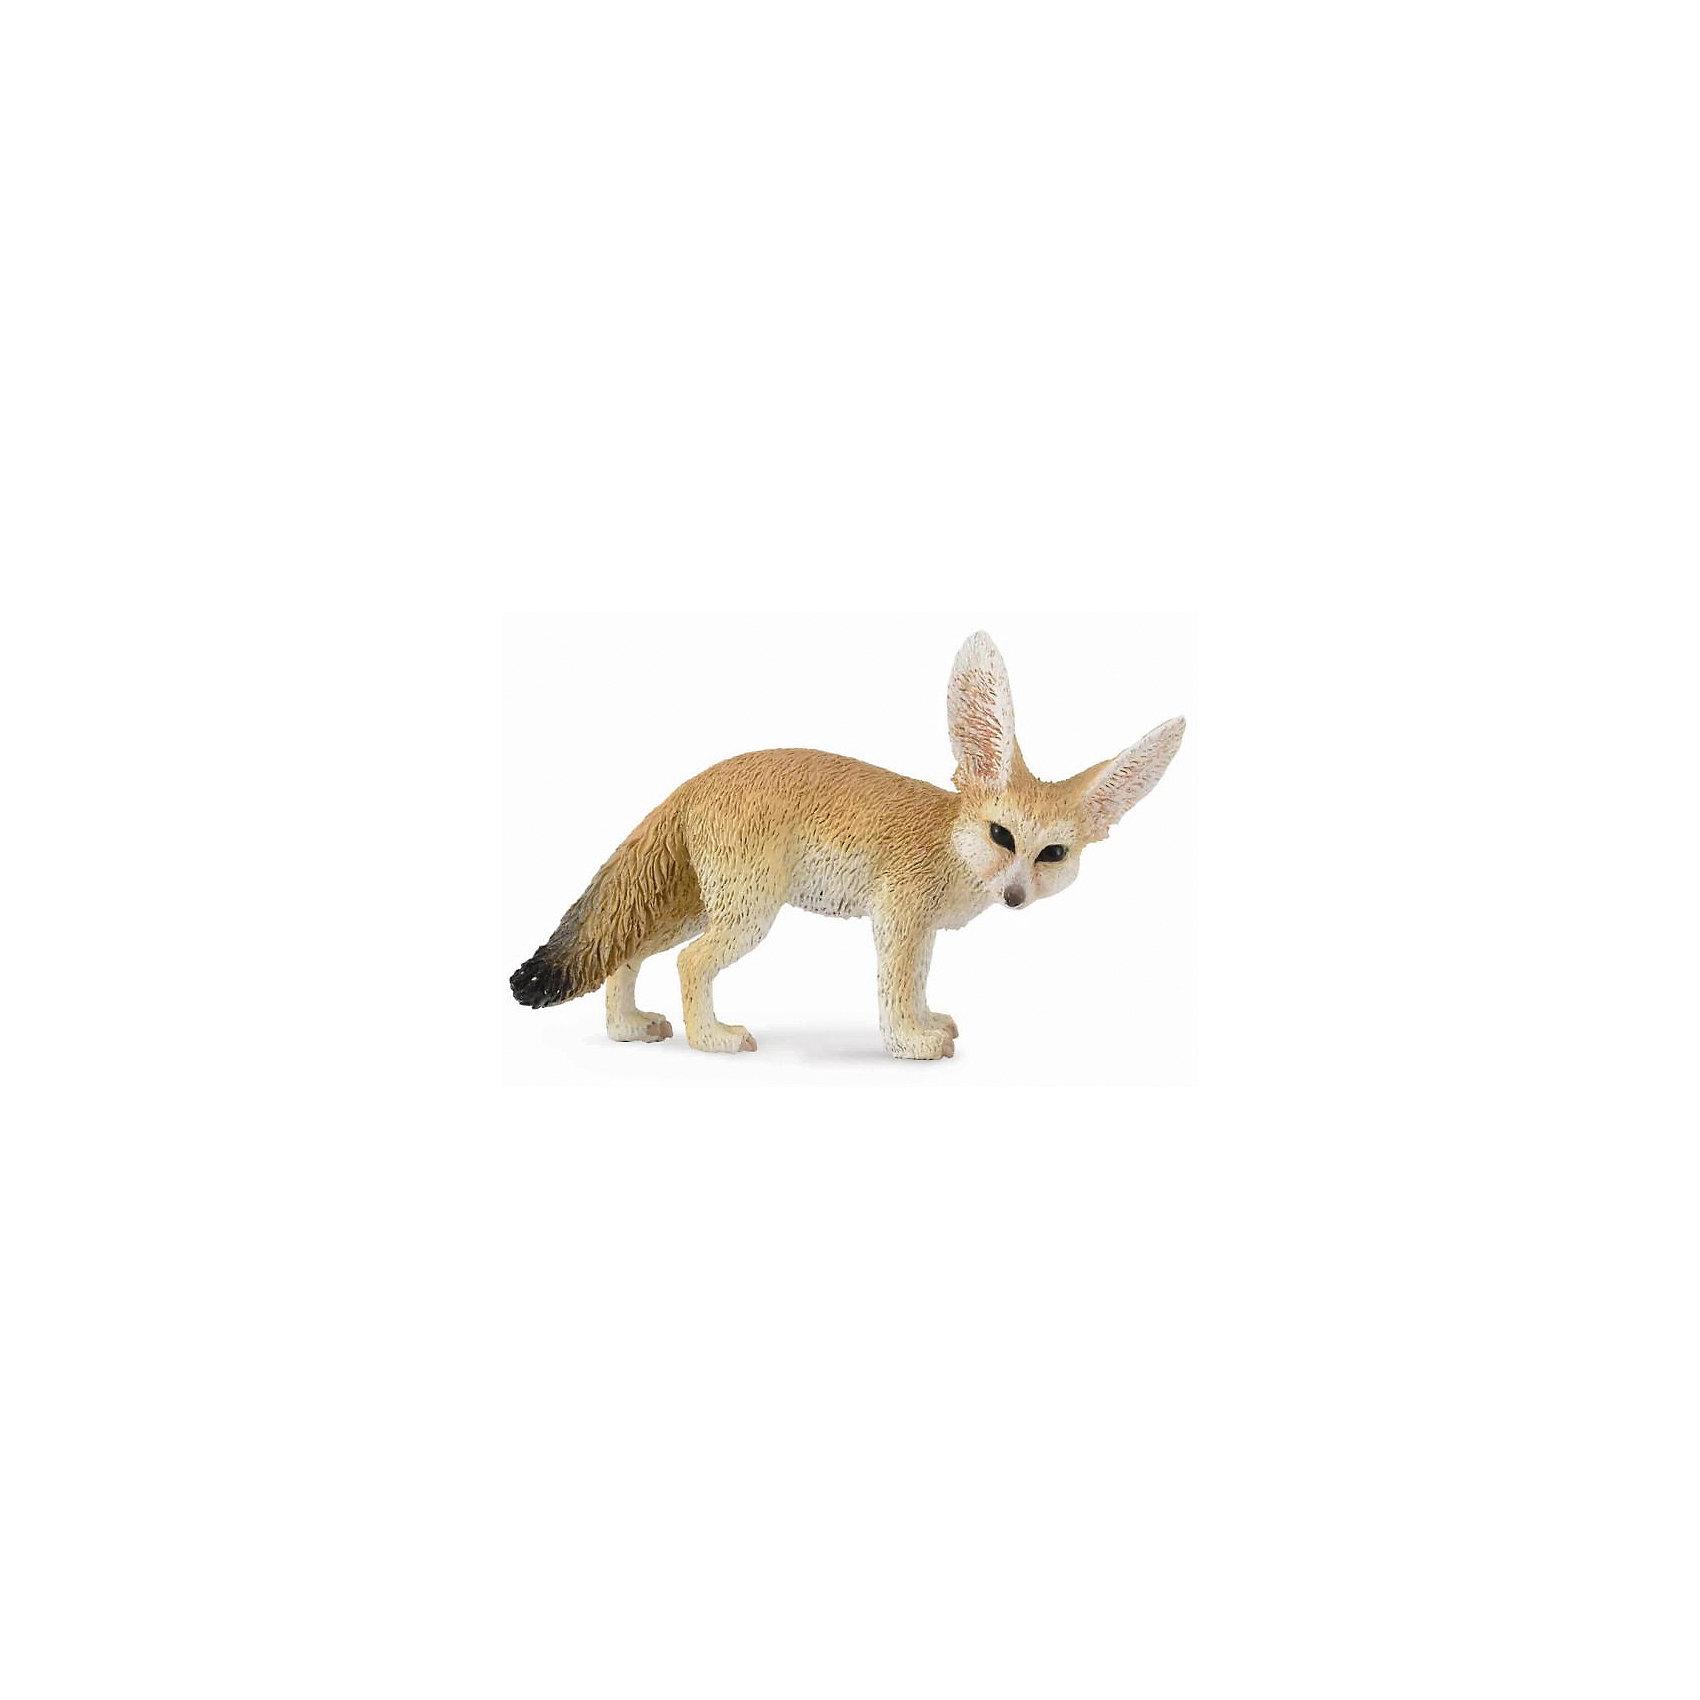 Фенек, CollectaМир животных<br><br><br>Ширина мм: 200<br>Глубина мм: 10<br>Высота мм: 10<br>Вес г: 50<br>Возраст от месяцев: 36<br>Возраст до месяцев: 192<br>Пол: Унисекс<br>Возраст: Детский<br>SKU: 5534505